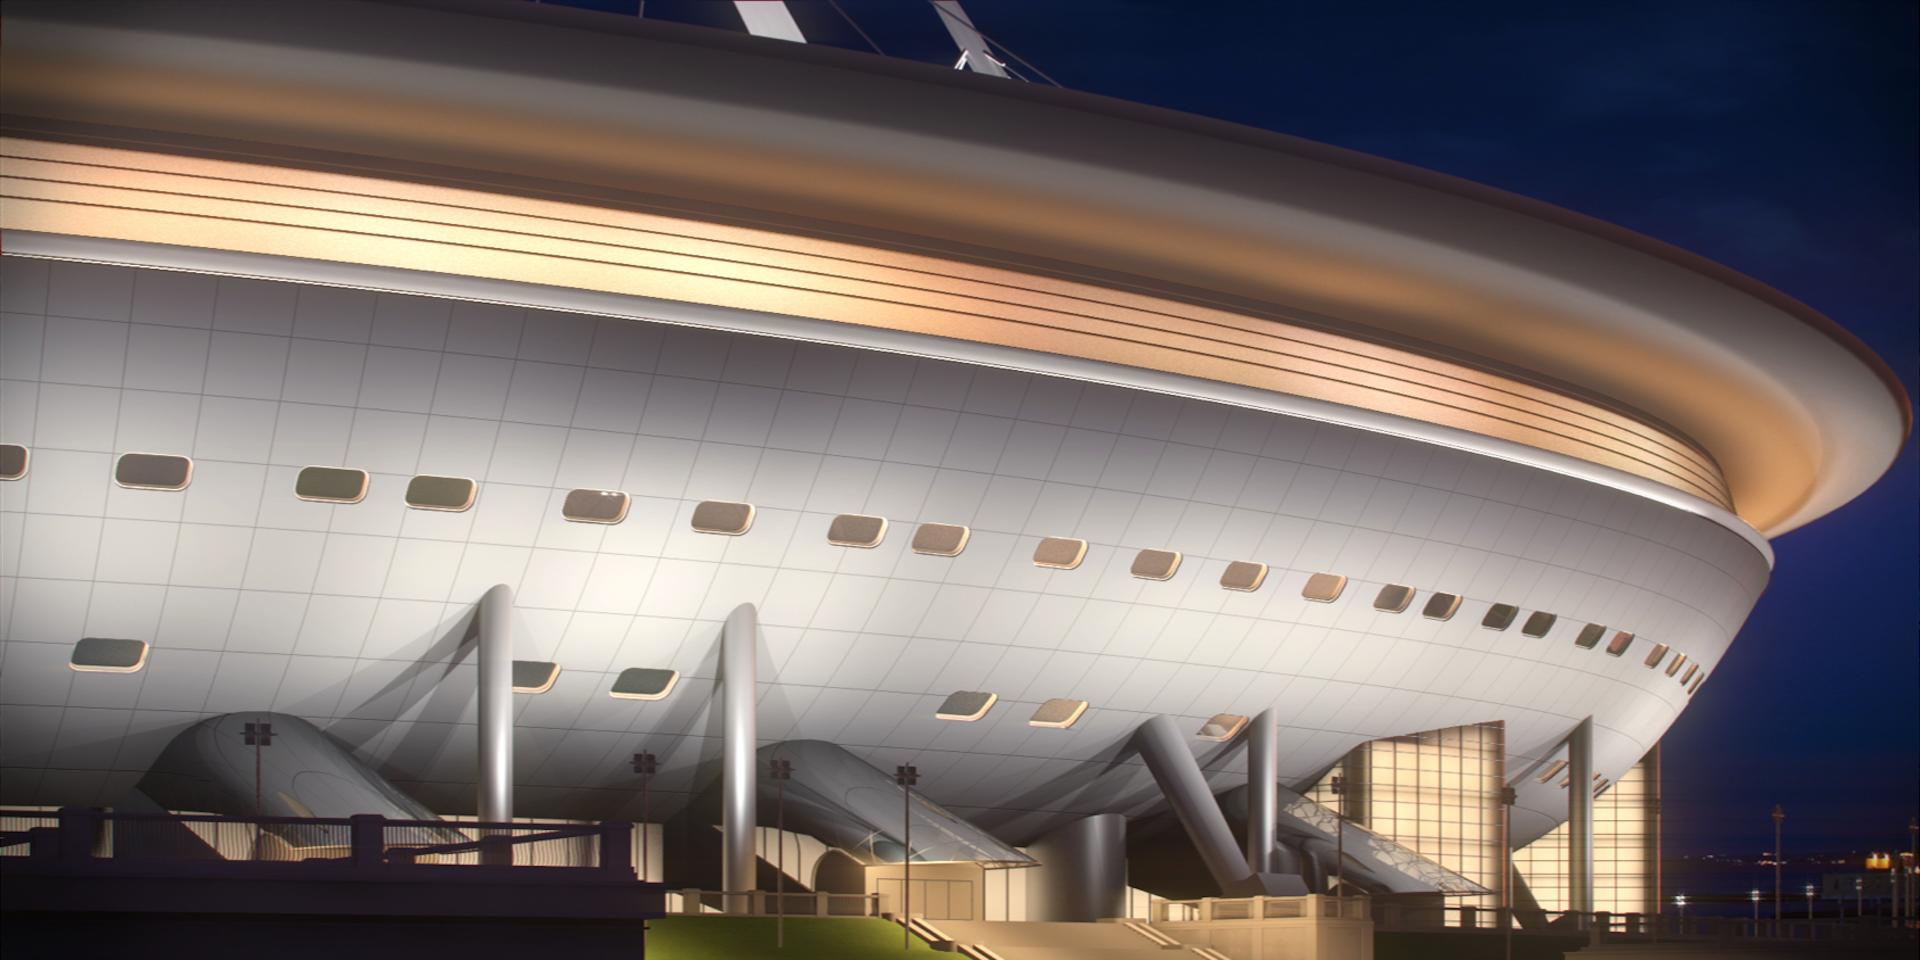 «Трансстрой» приступает к внешней отделке стадиона в Санкт-Петербурге